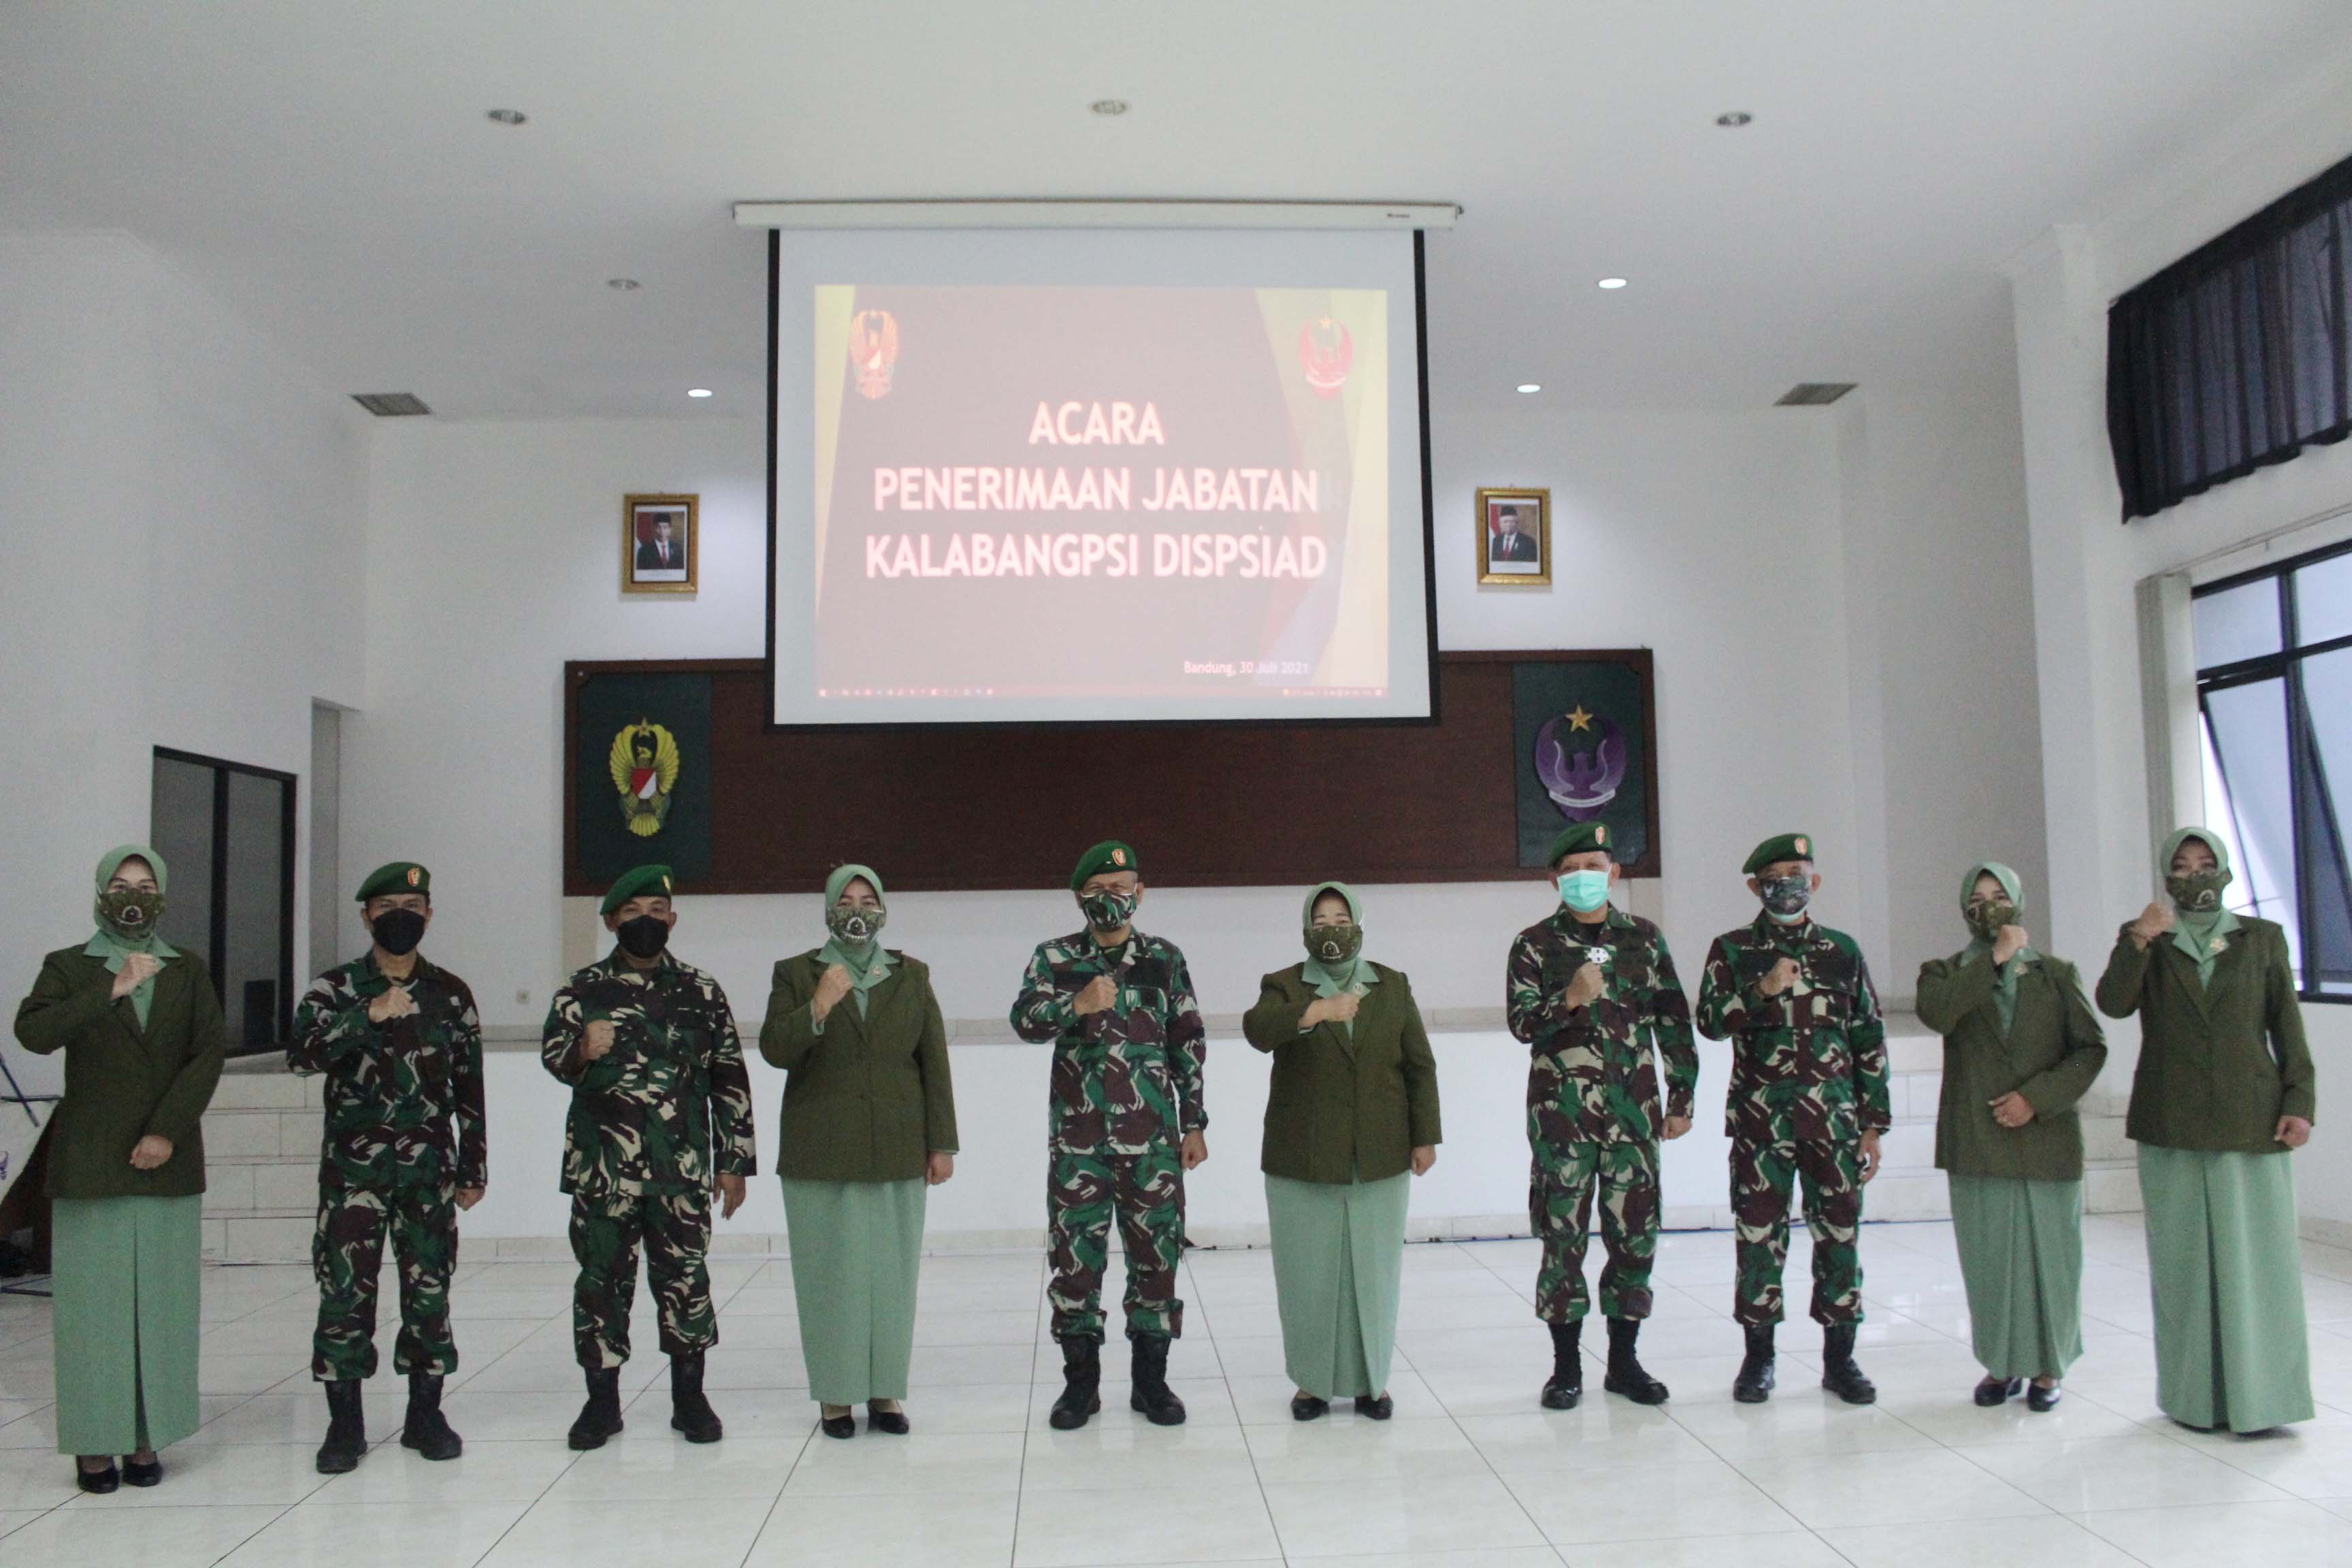 ACARA PENERIMAAN JABATAN KALABANG DISPSIAD